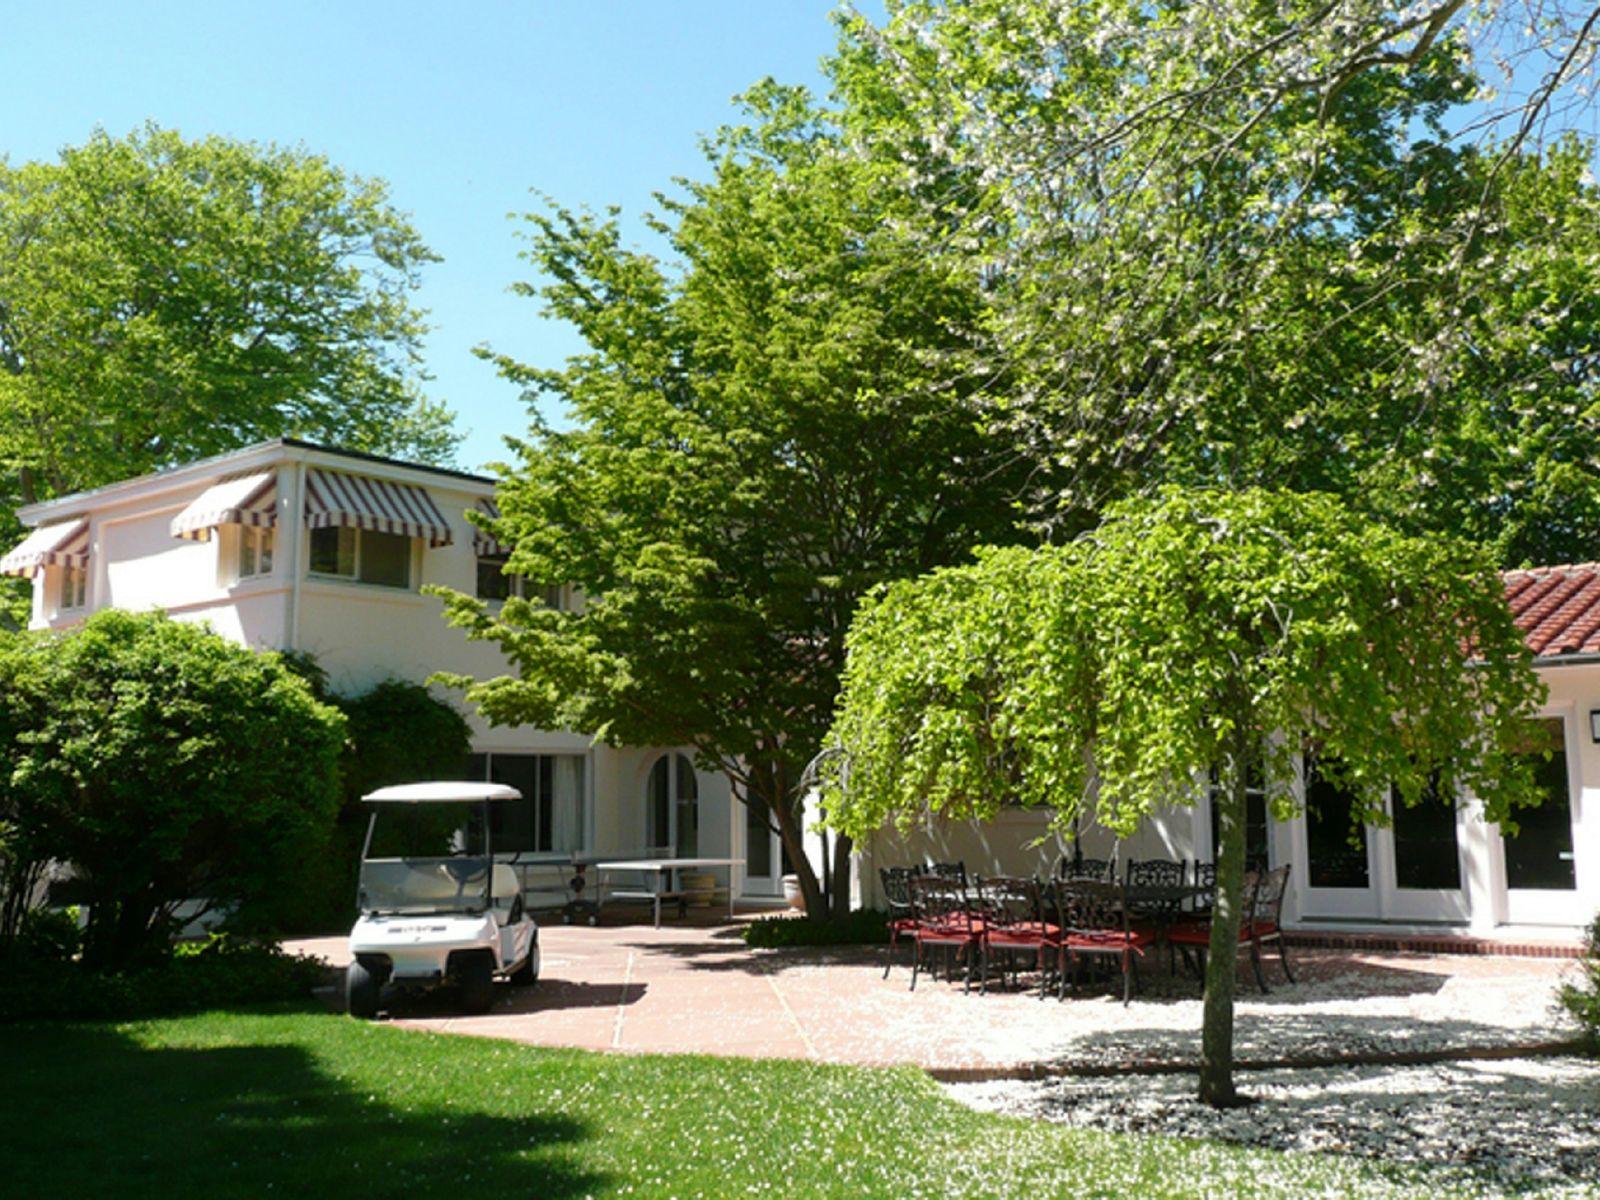 Villa Mille Fiore